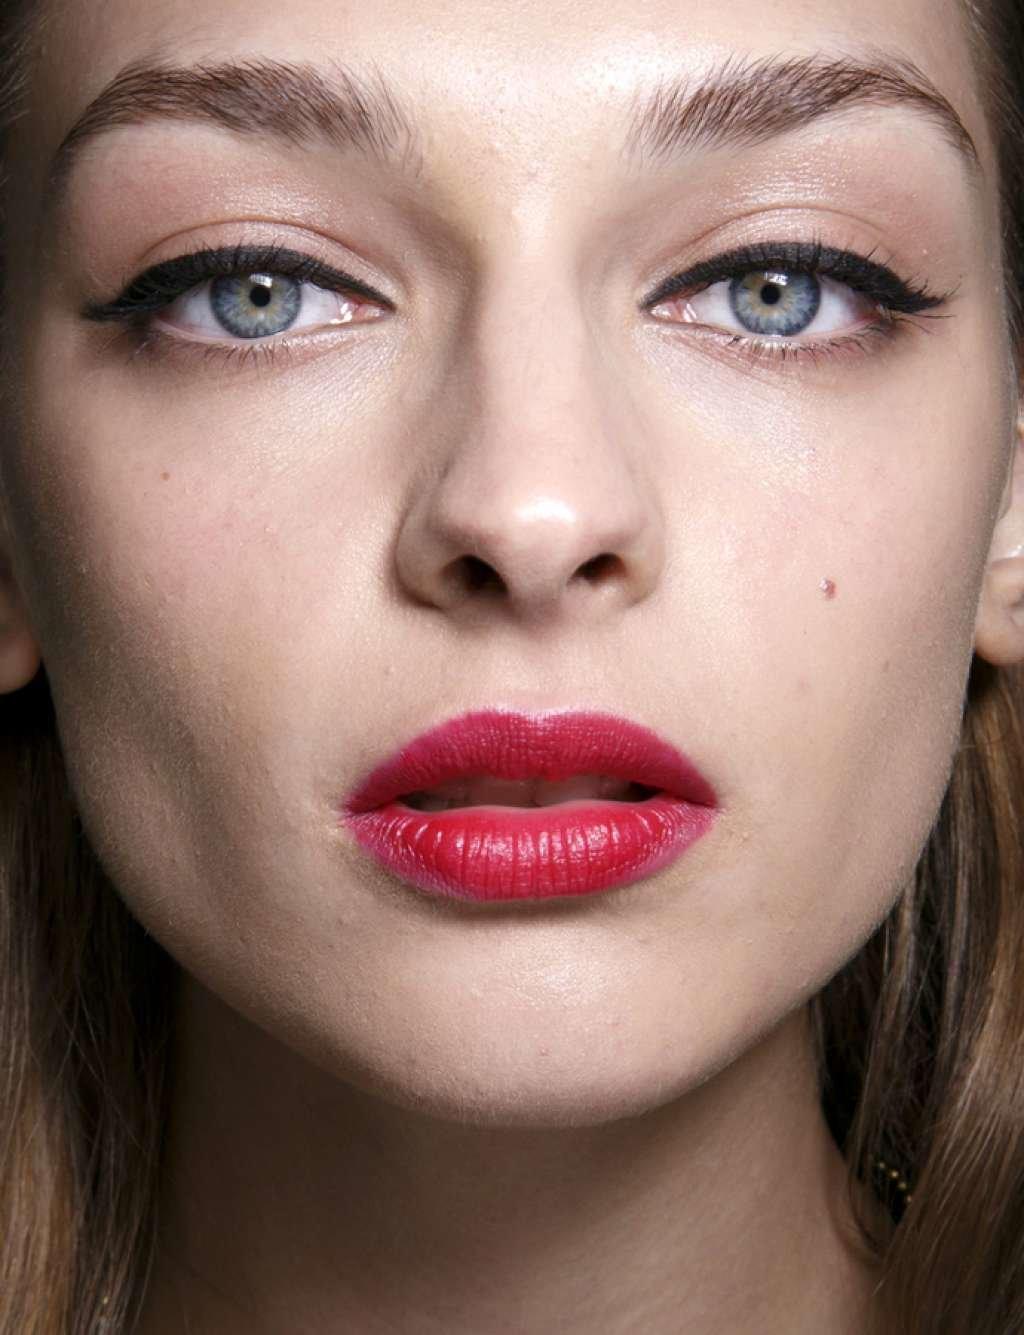 Макияж для брюнеток с голубыми глазами и красной помадой фото